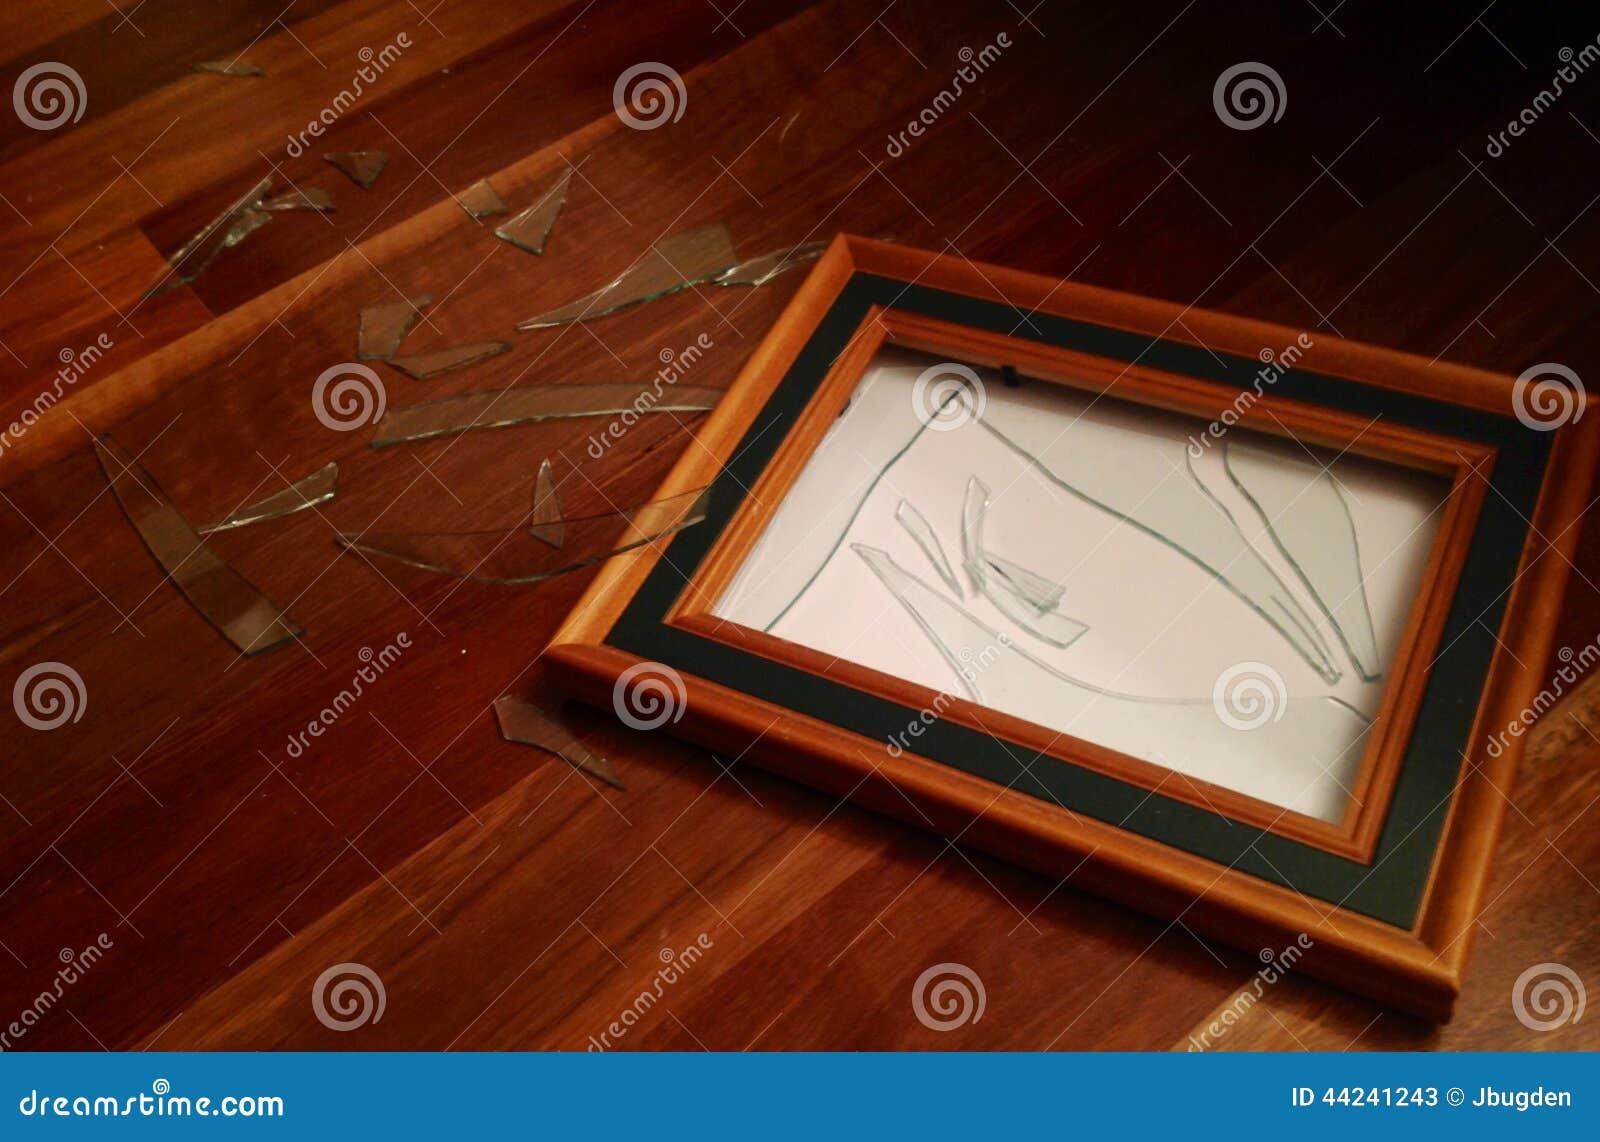 Marco de madera de cristal roto